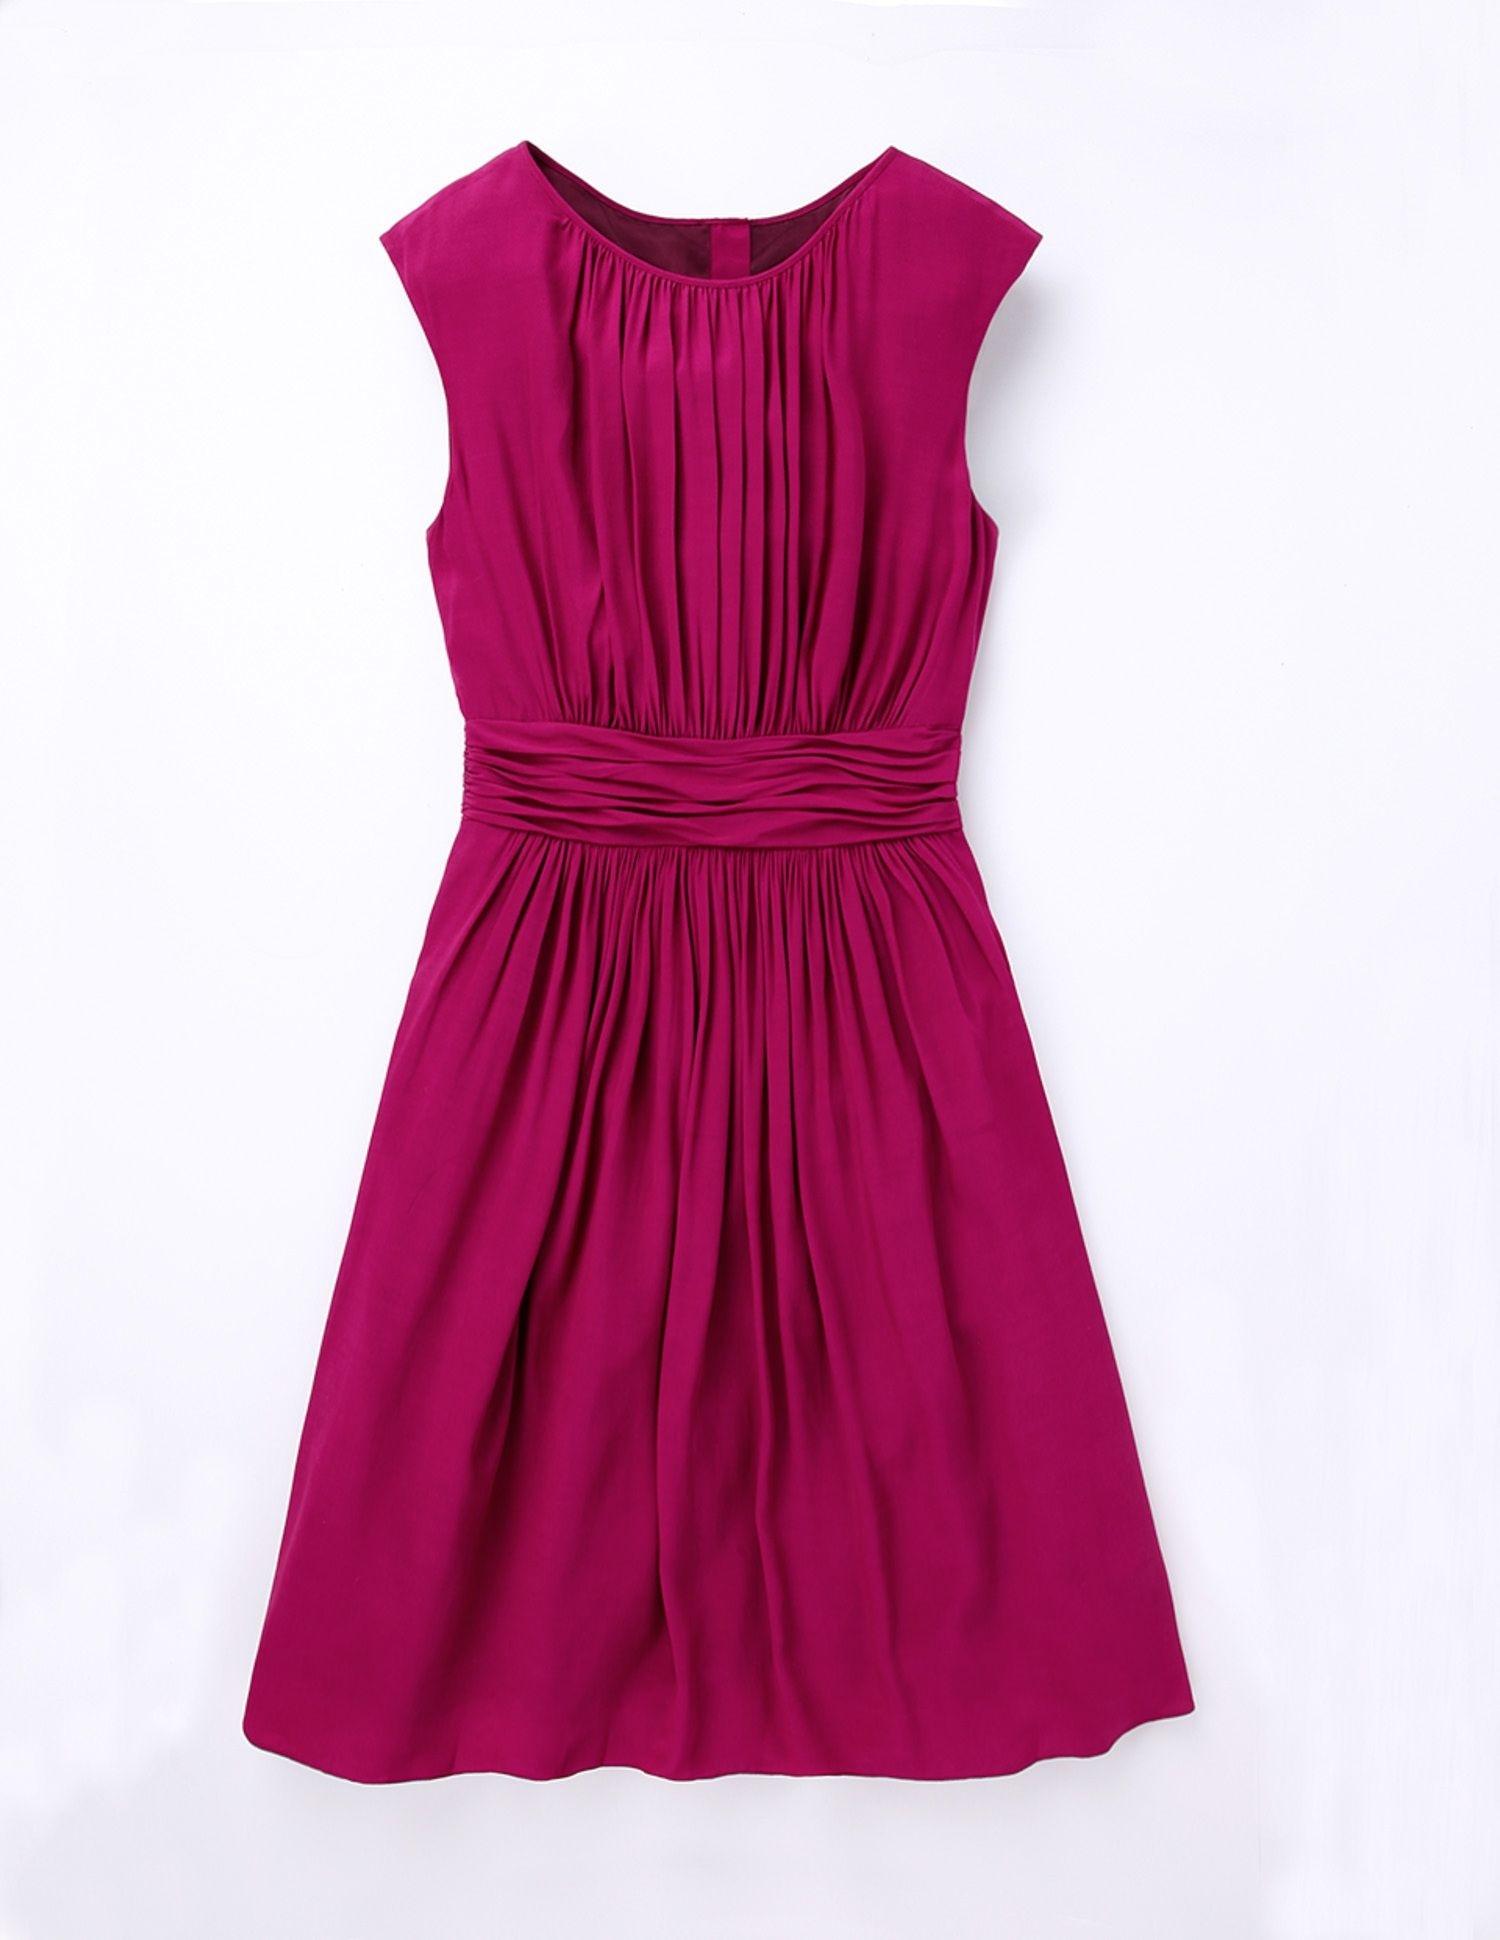 13 Luxus Kleider Maxi Festlich SpezialgebietFormal Elegant Kleider Maxi Festlich Vertrieb